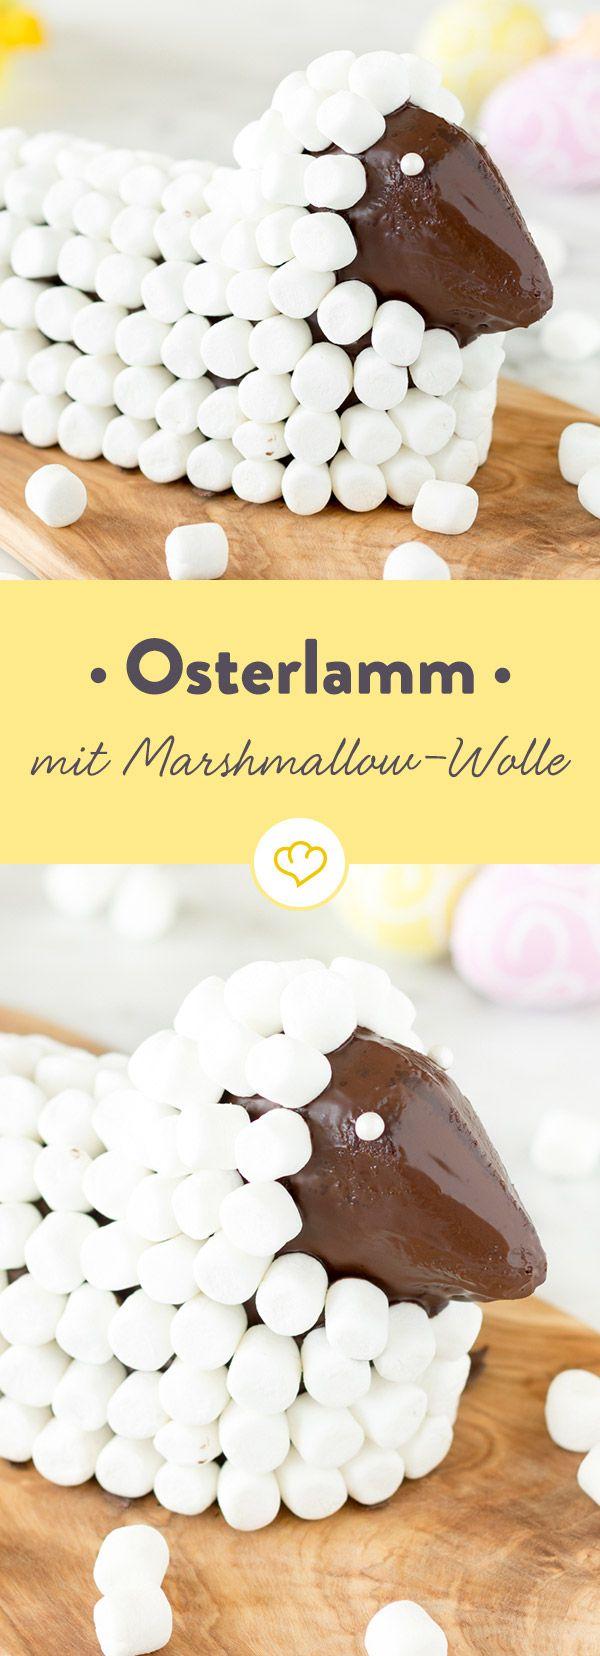 Ein Ostern ohne Osterlamm? Nicht auszudenken! Und dieses Exemplar kommt dann auch noch mit dem wohl kuscheligsten Fell der Welt daher...leckere Marshmallows.